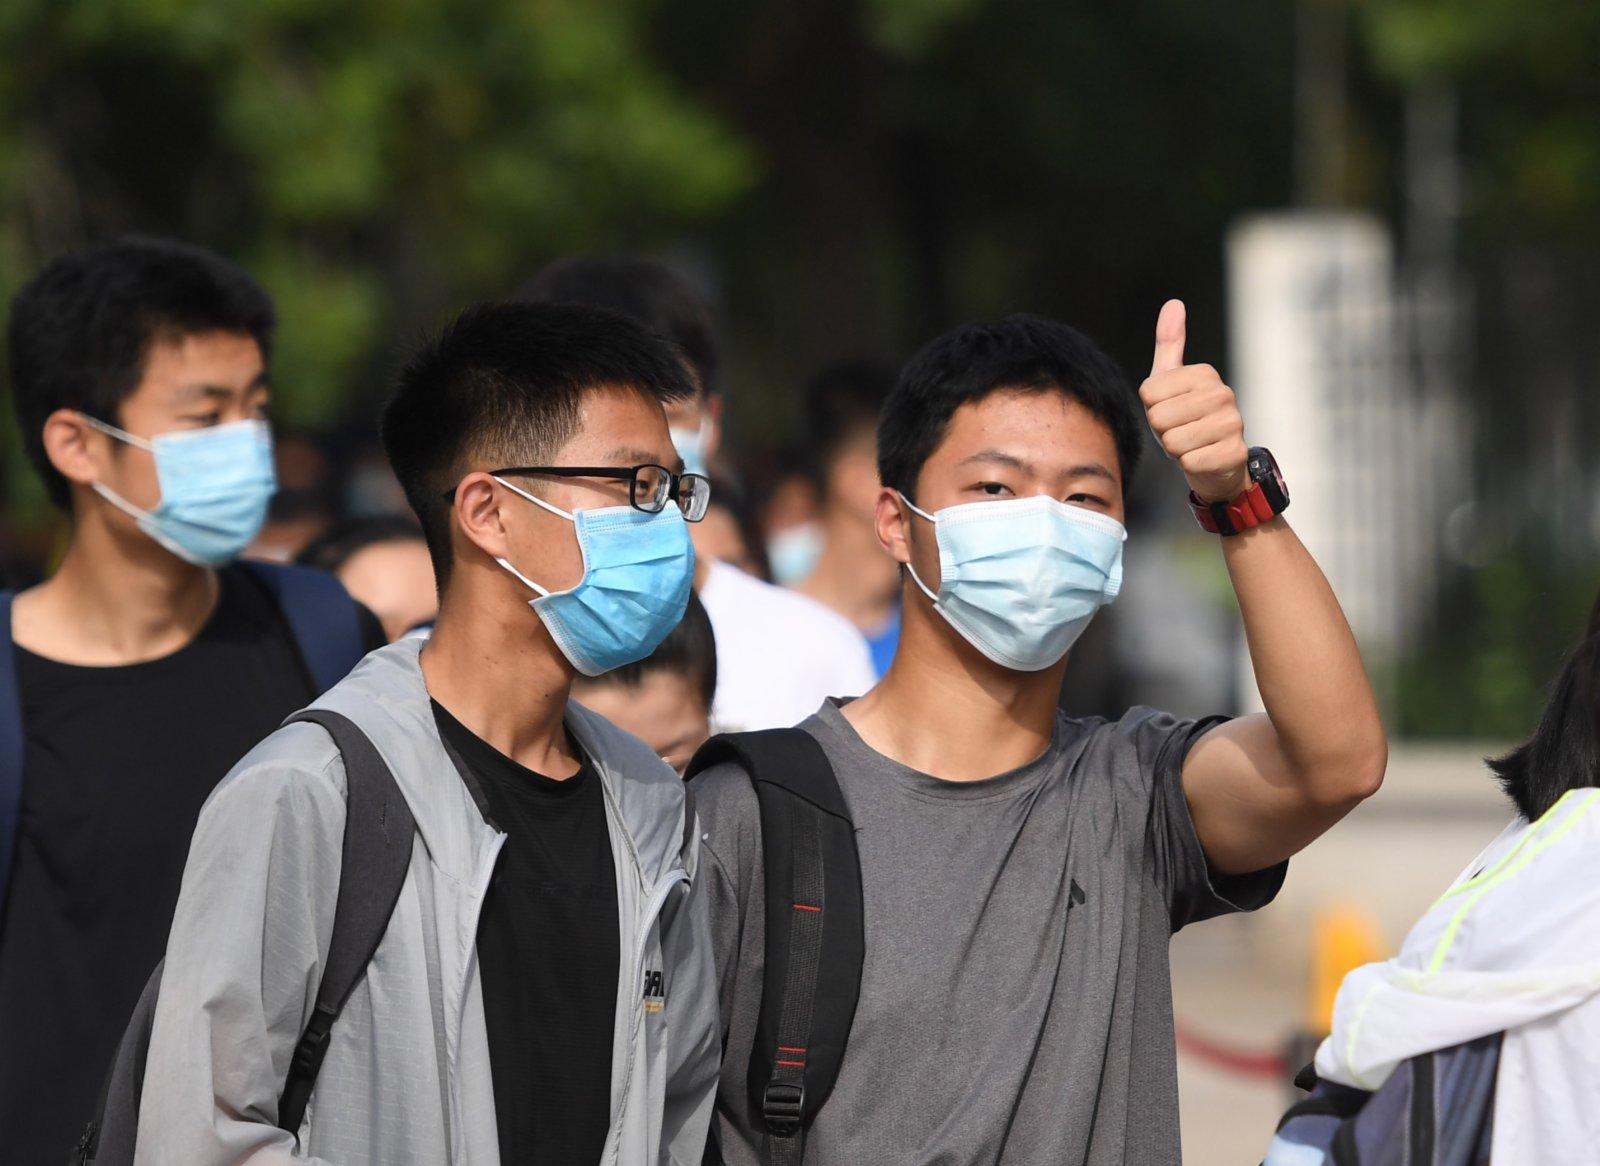 6月7日,在河南省鄭州外國語學校考點,考生排隊進入考場。新華社